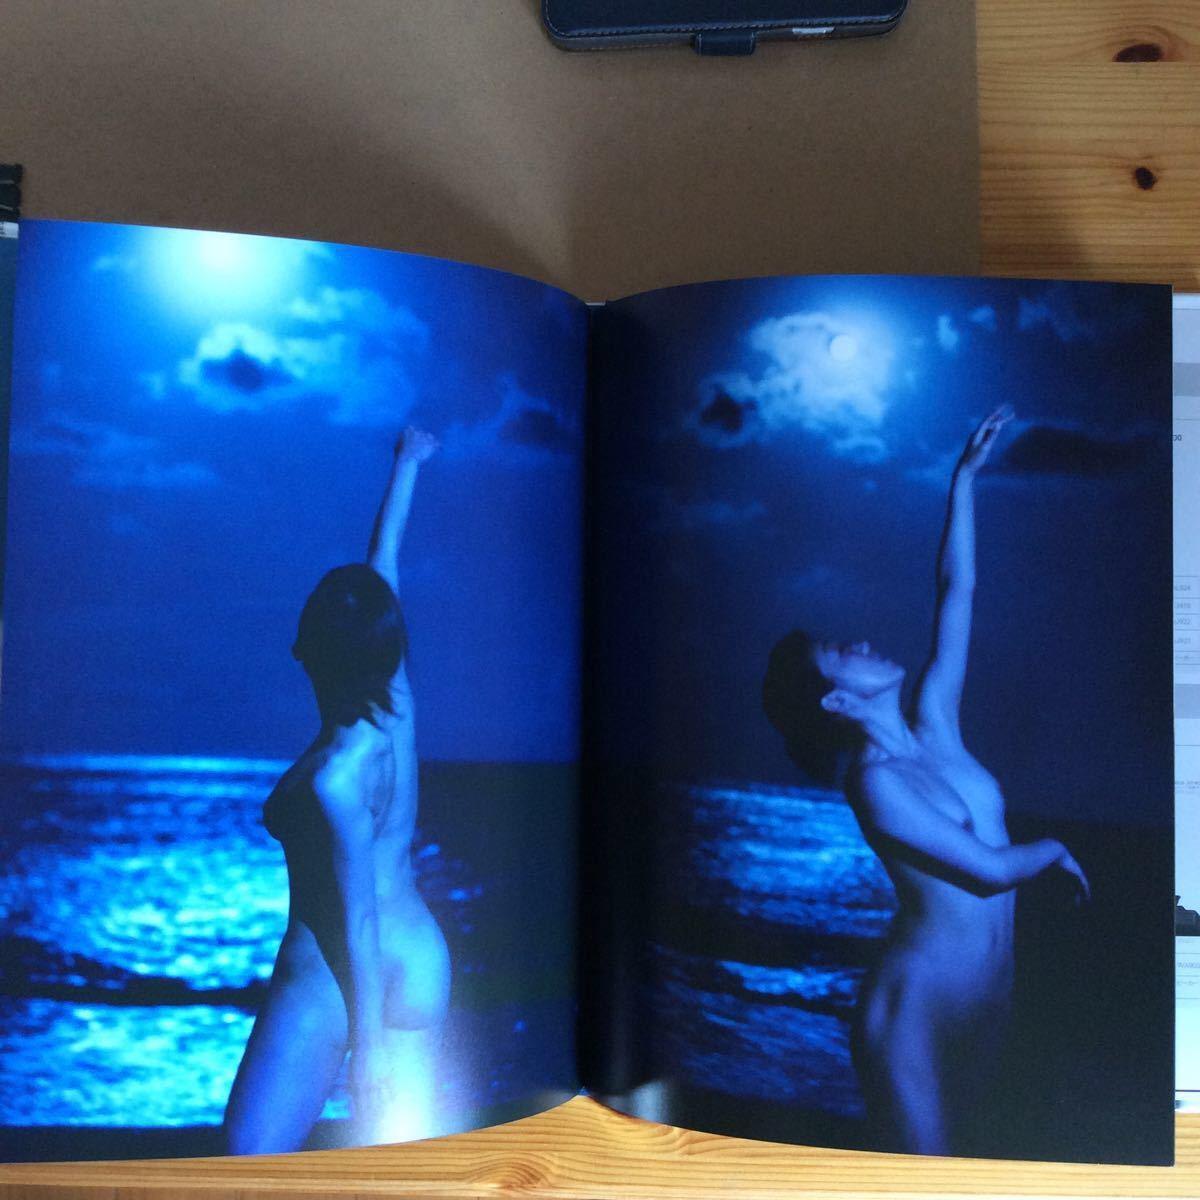 村主章枝写真集 『月光』 講談社